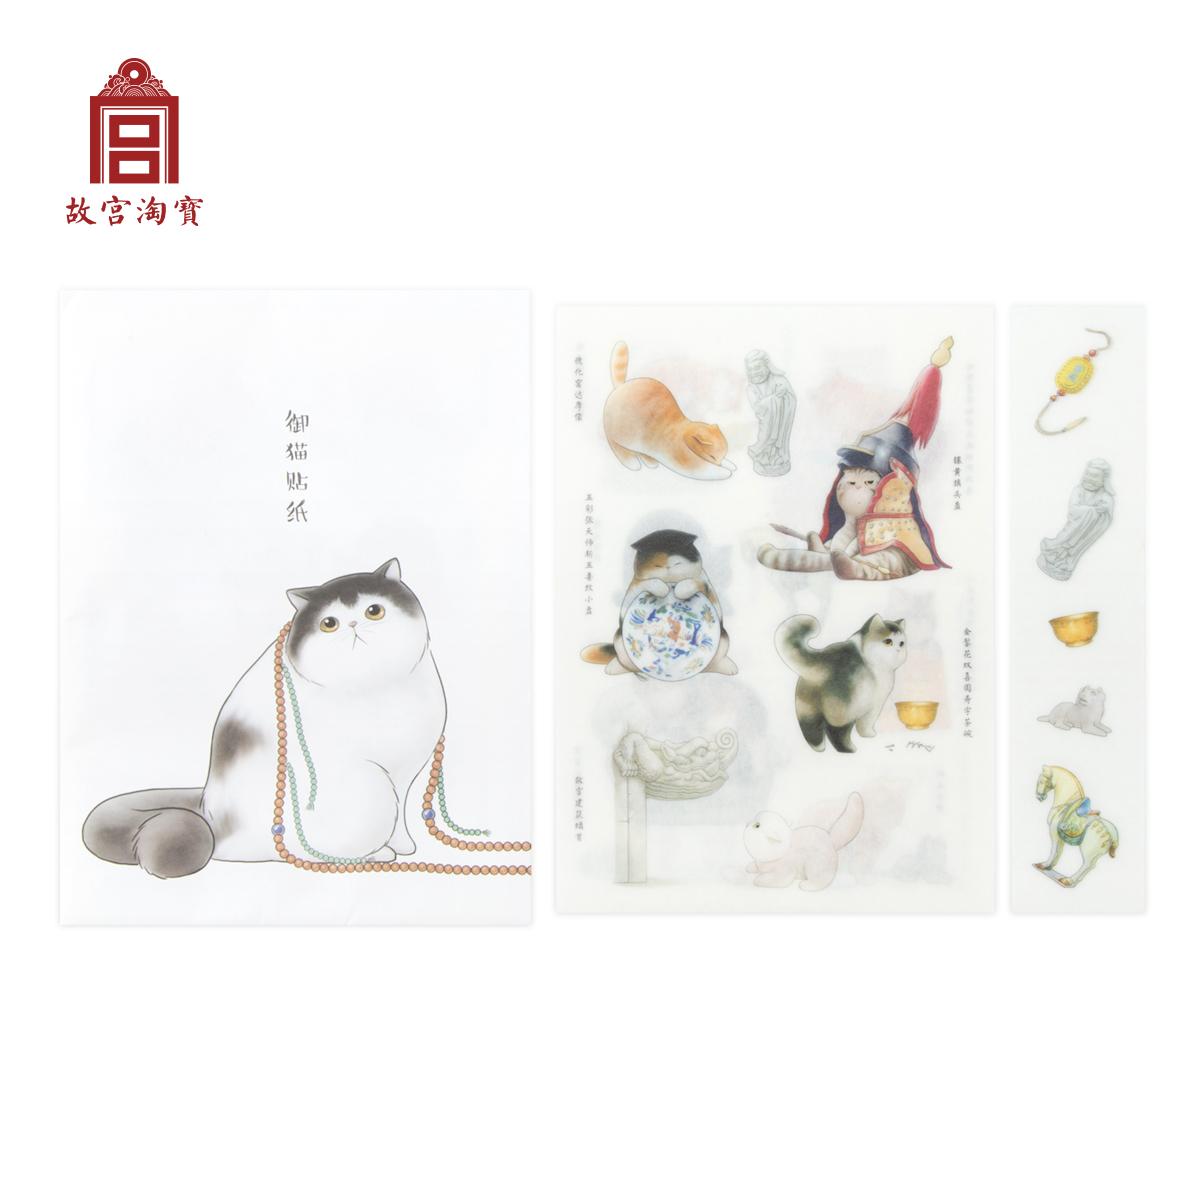 【 поэтому дворец taobao 】 супермэн наборы наряд поэтому дворец имперский кошки бумага наклейки